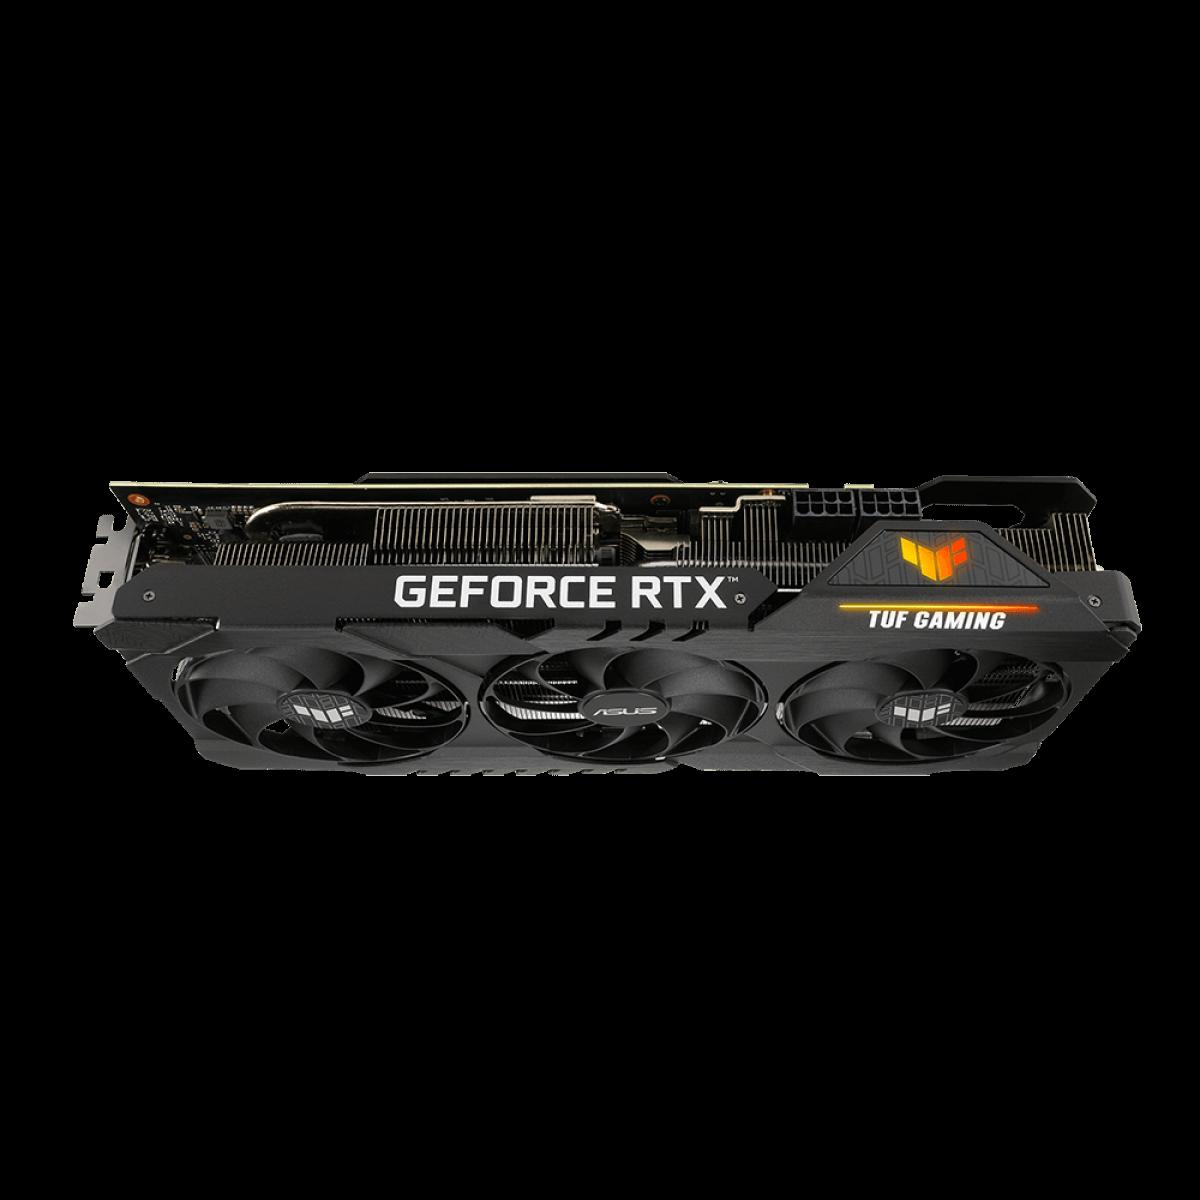 Placa de Vídeo Asus TUF Gaming Geforce RTX 3070 Ti 8GB GDDR6X 256bit - 90YV0GY0-M0NA00